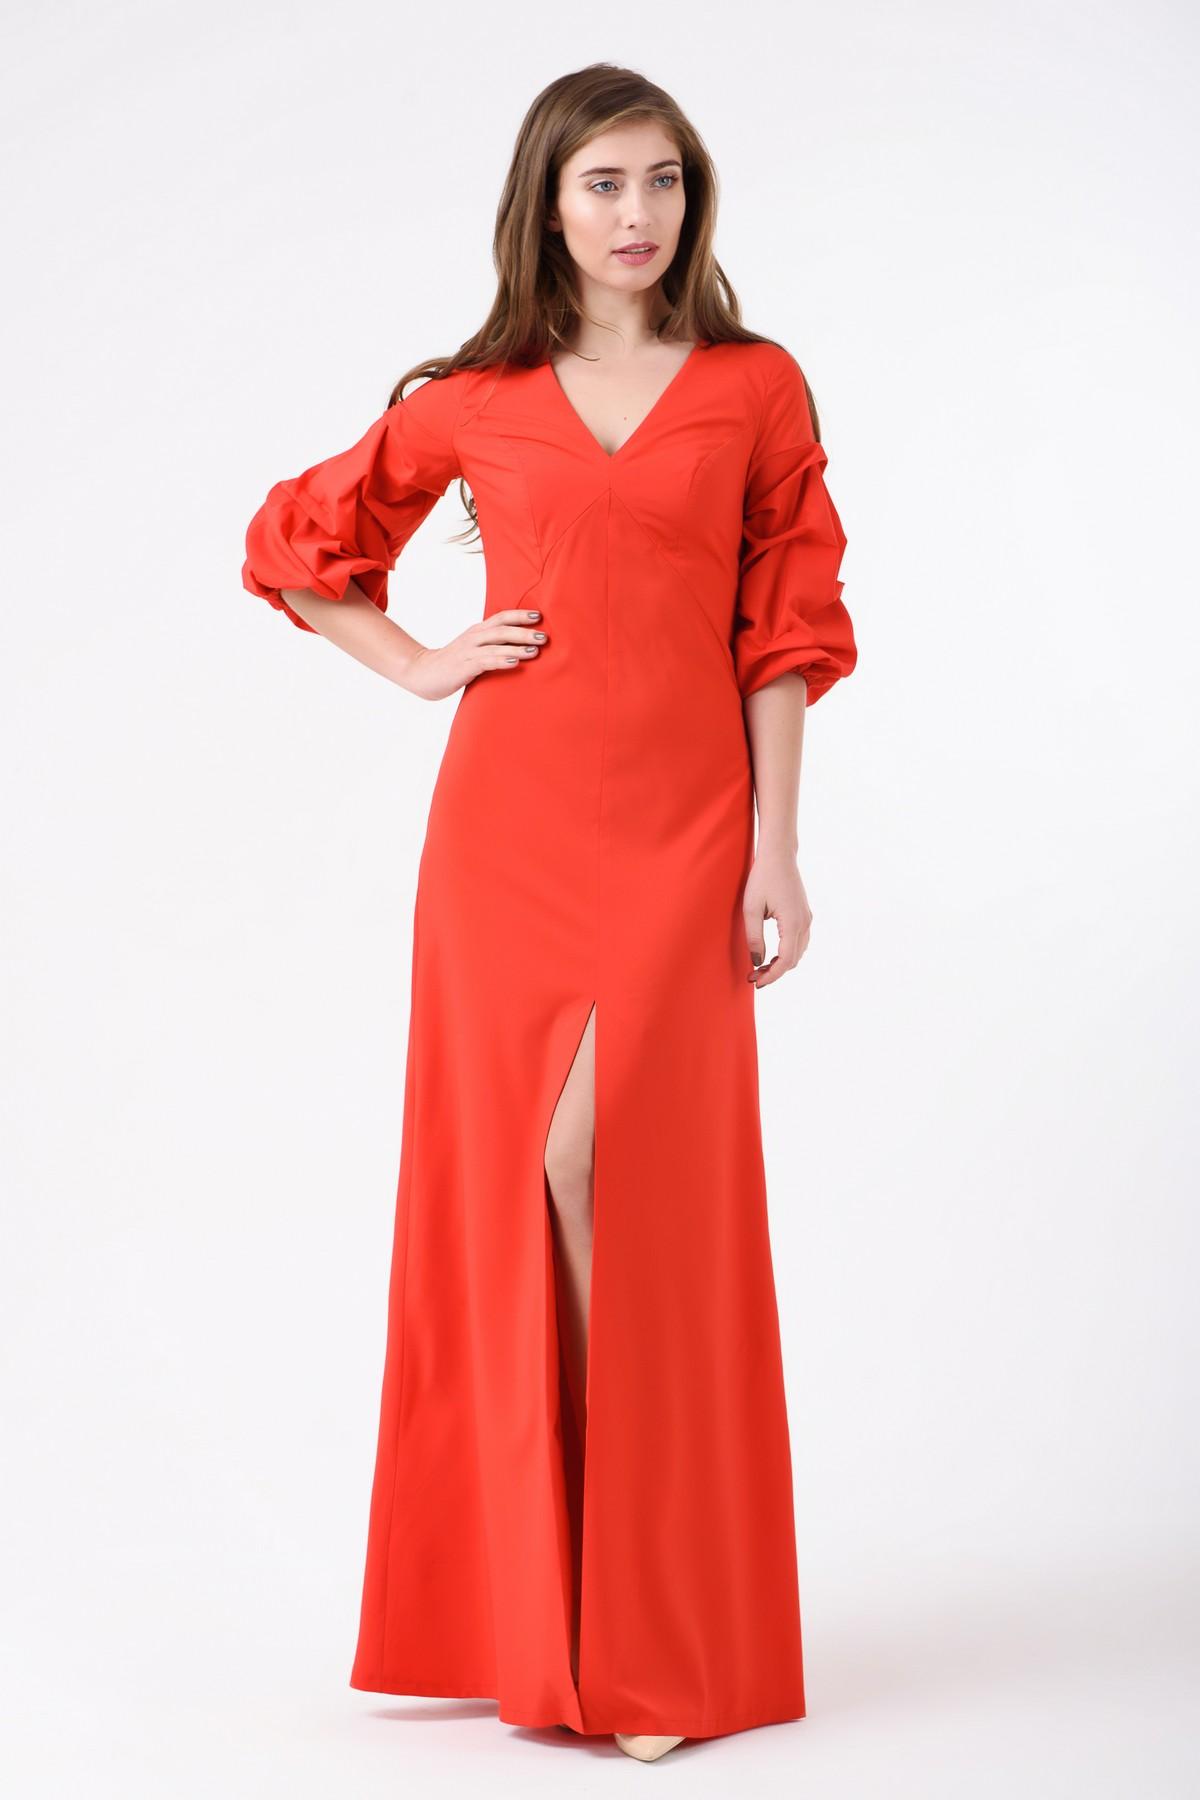 b679161cc639 Вечерние платья оптом от производителя   Оптовый магазин Evdress